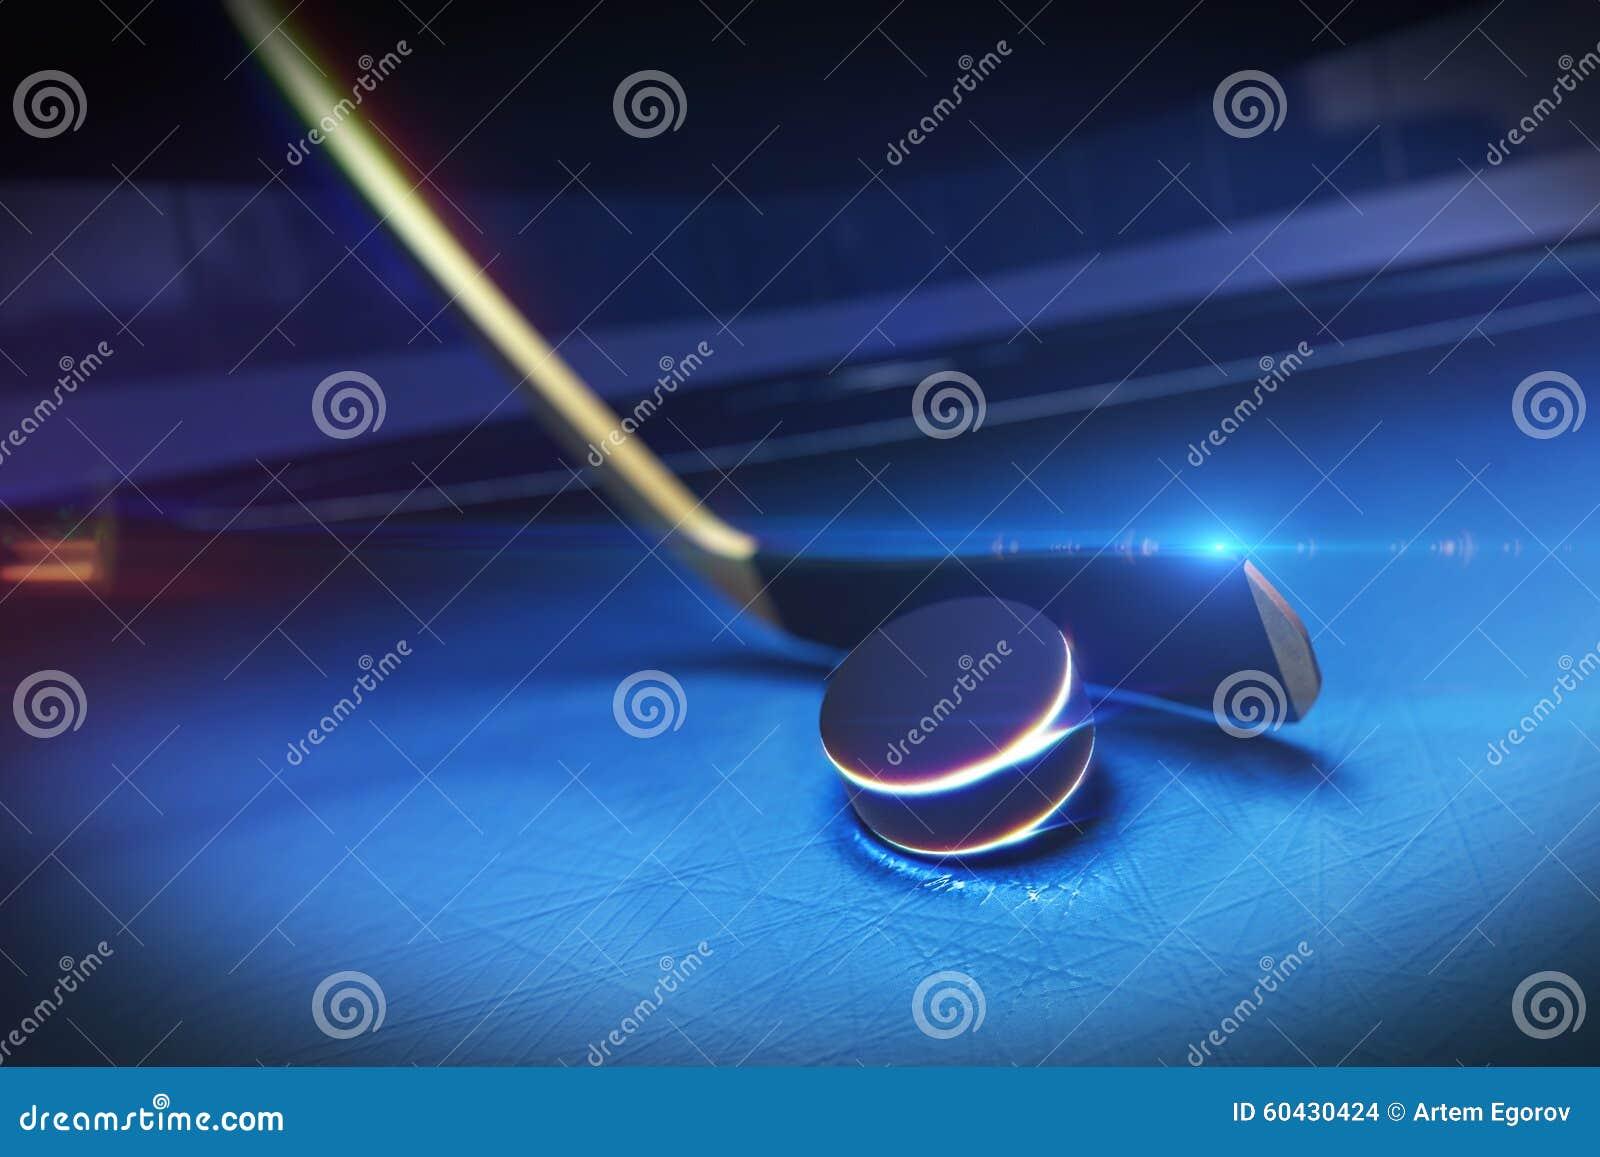 Hokejowy kij i krążek hokojowy na Lodowym lodowisku